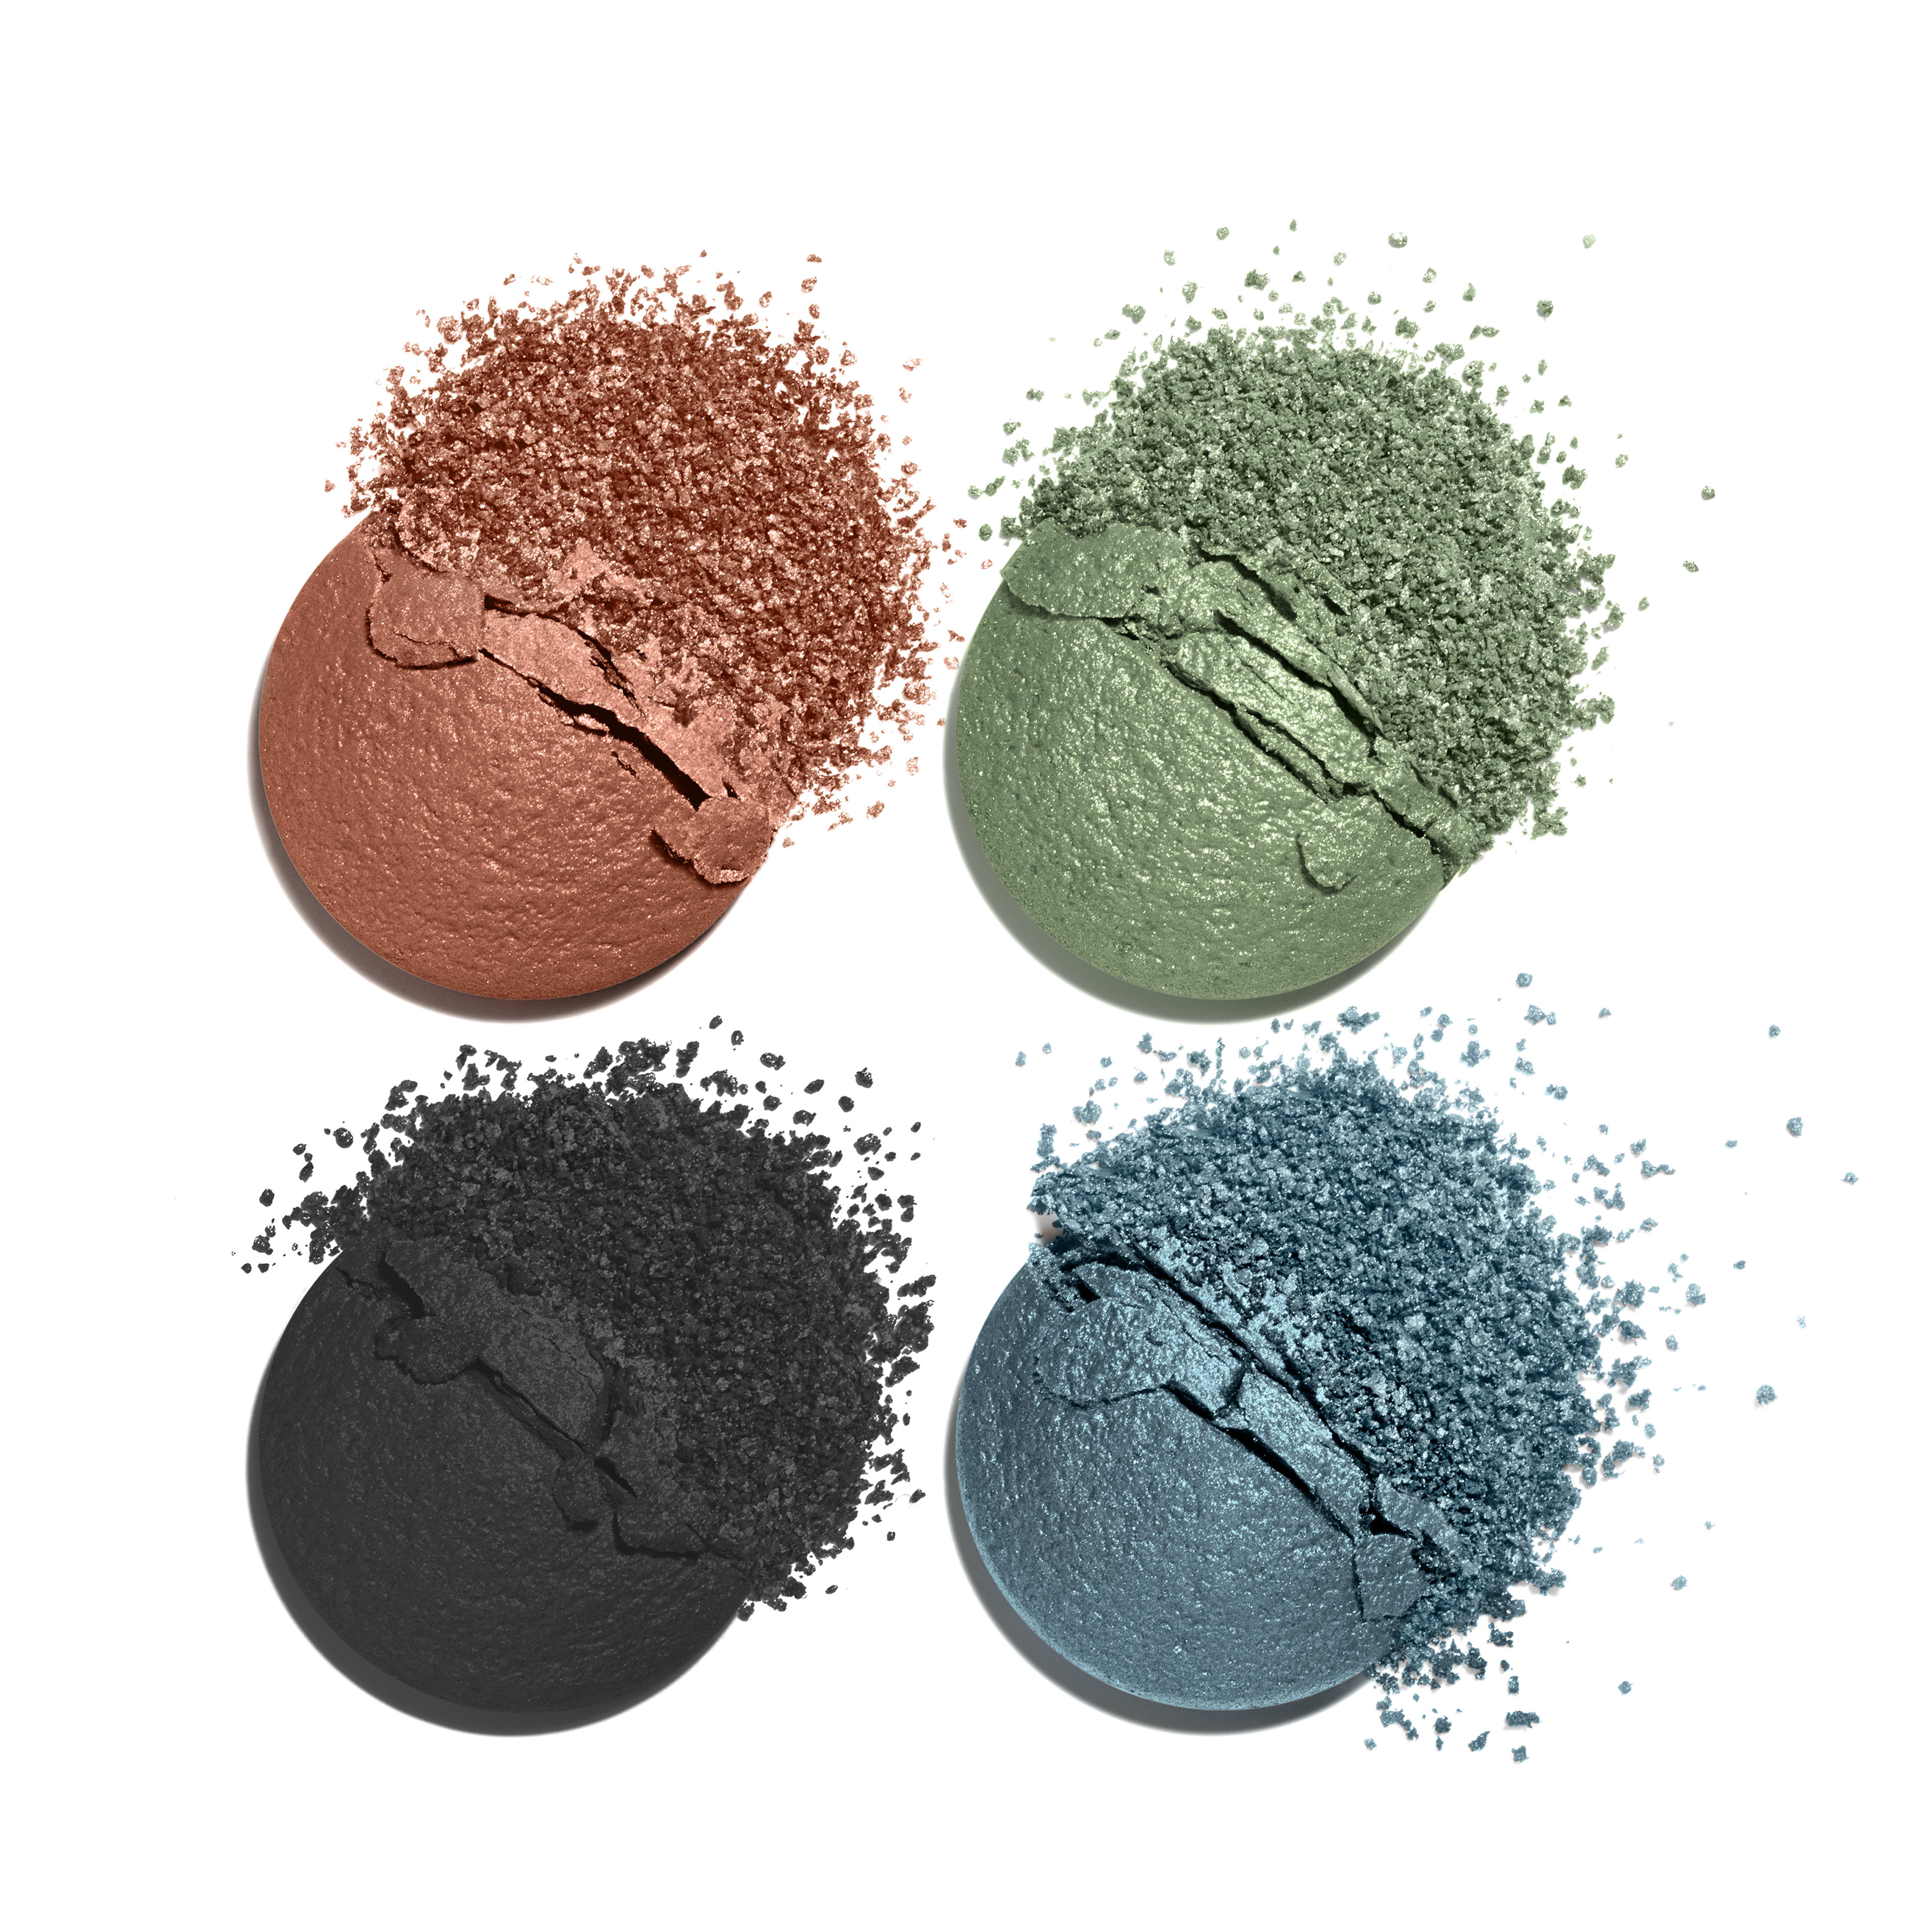 LES 4 OMBRES - makeup - 0.07OZ. - Basic texture view